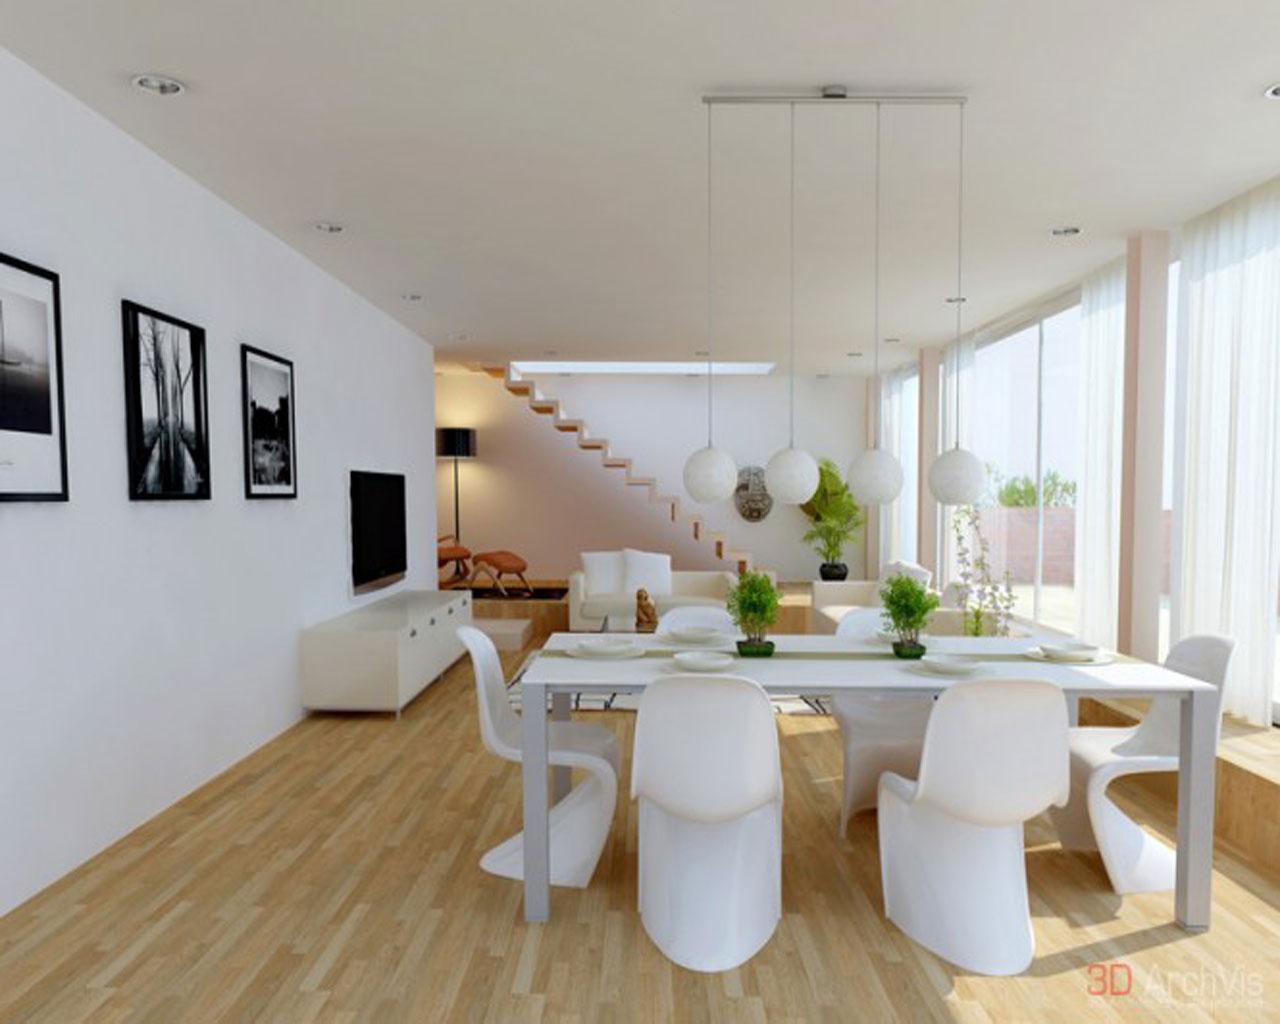 Top Come scegliere il colore delle pareti | Architetto DIGITALE IH42